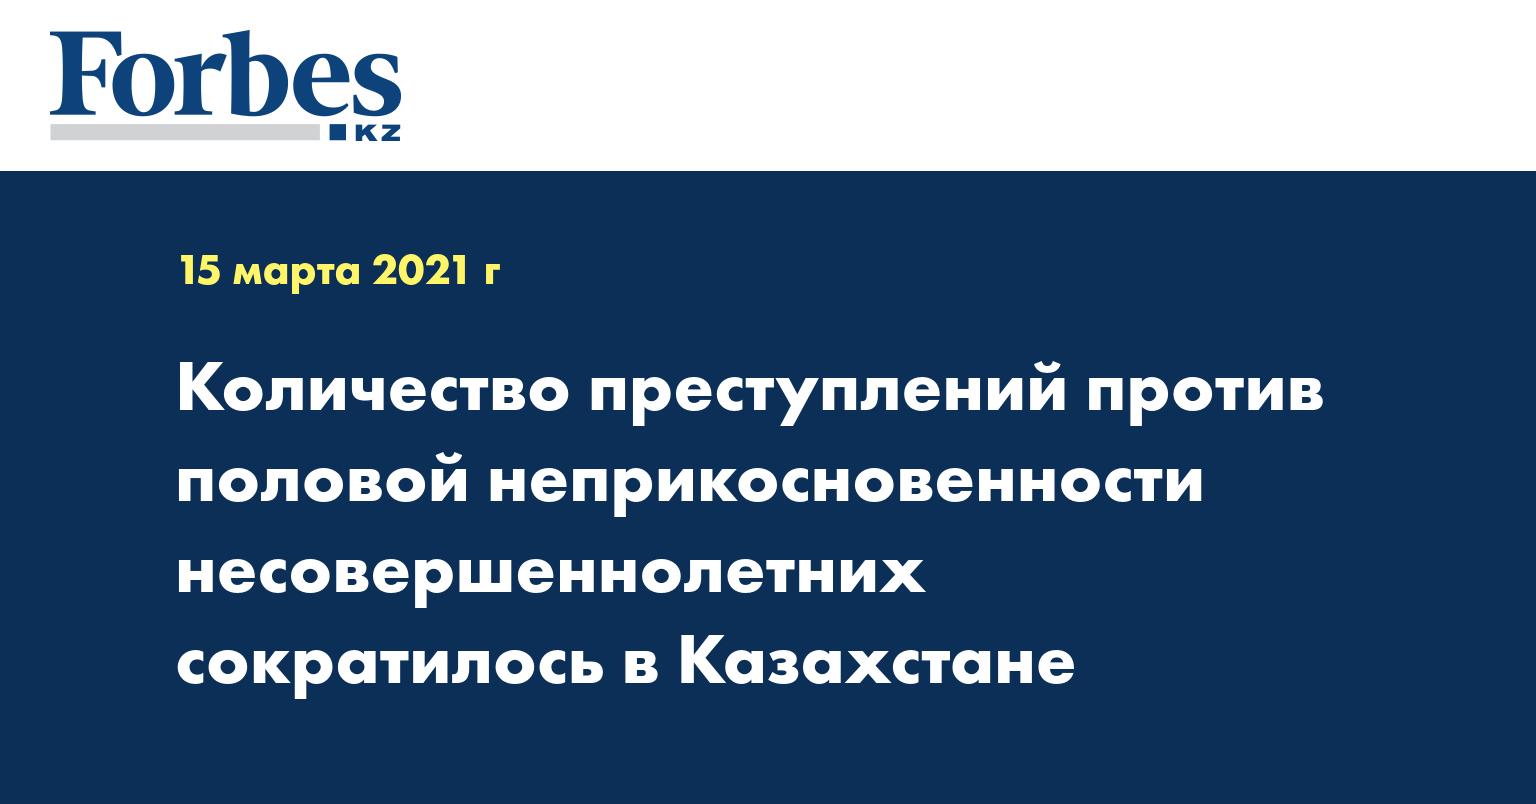 Количество преступлений против половой неприкосновенности несовершеннолетних сократилось в Казахстане